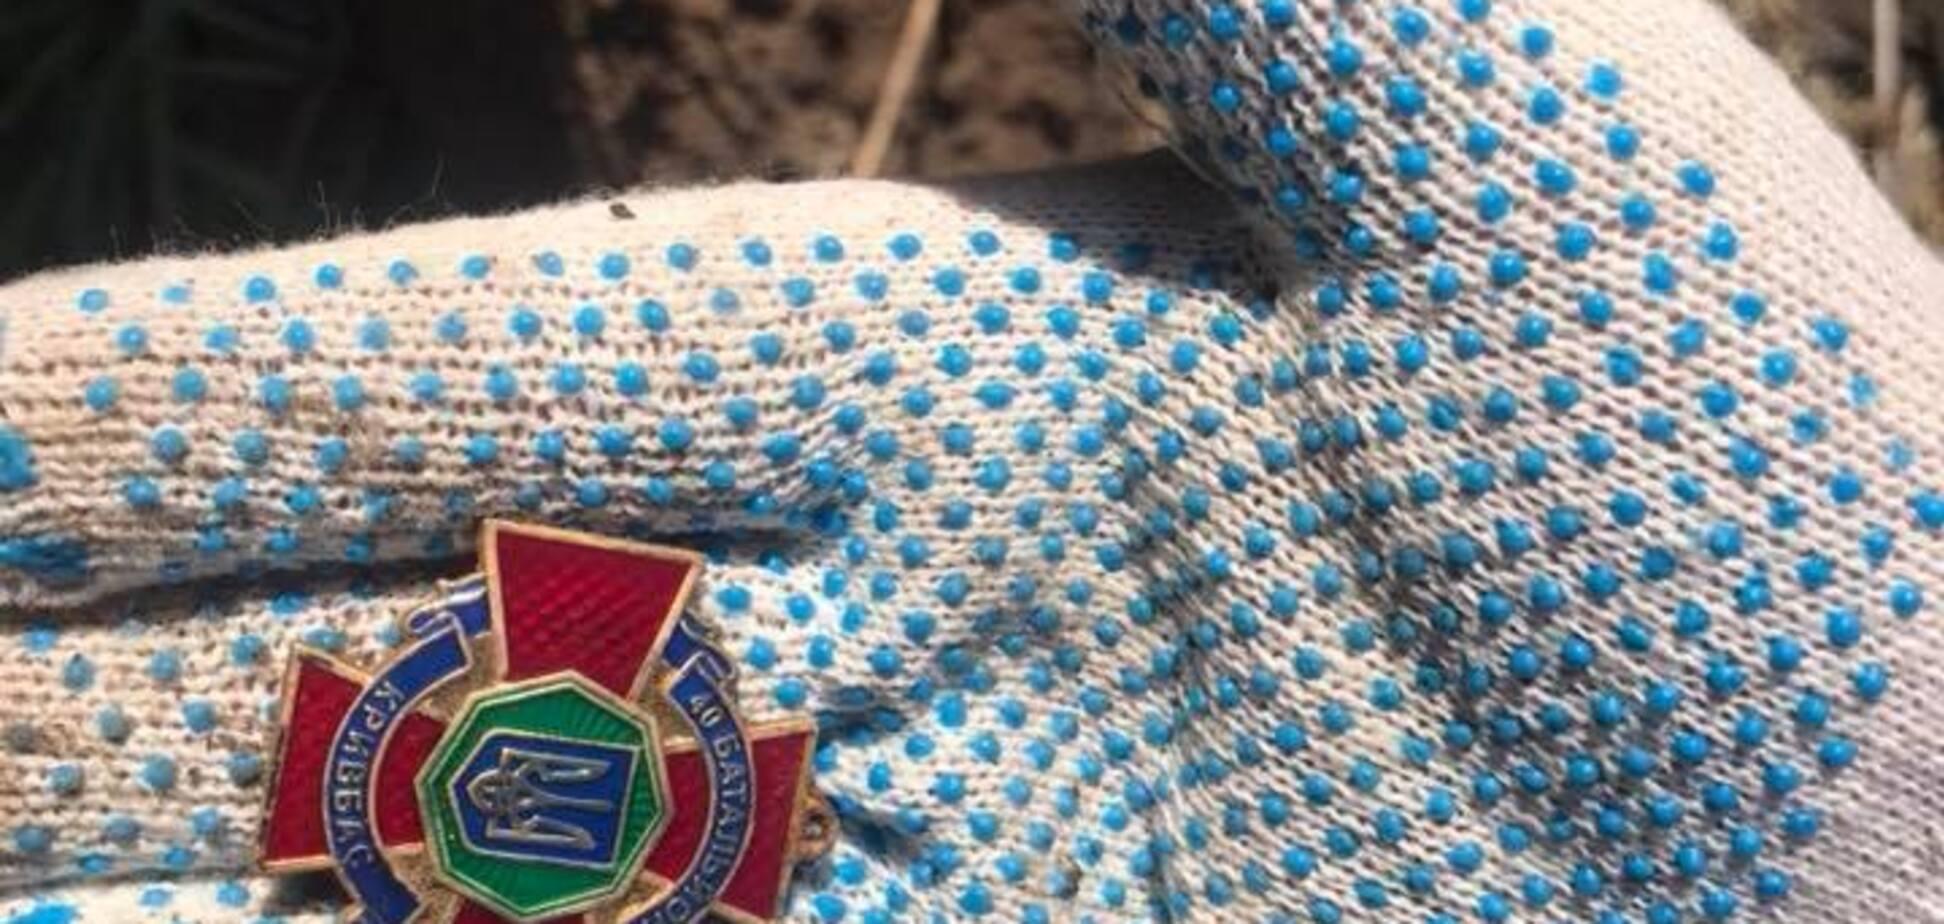 Хто забув речі загиблих на Донбасі АТОшників під Дніпром? Спливло ім'я 'героя'